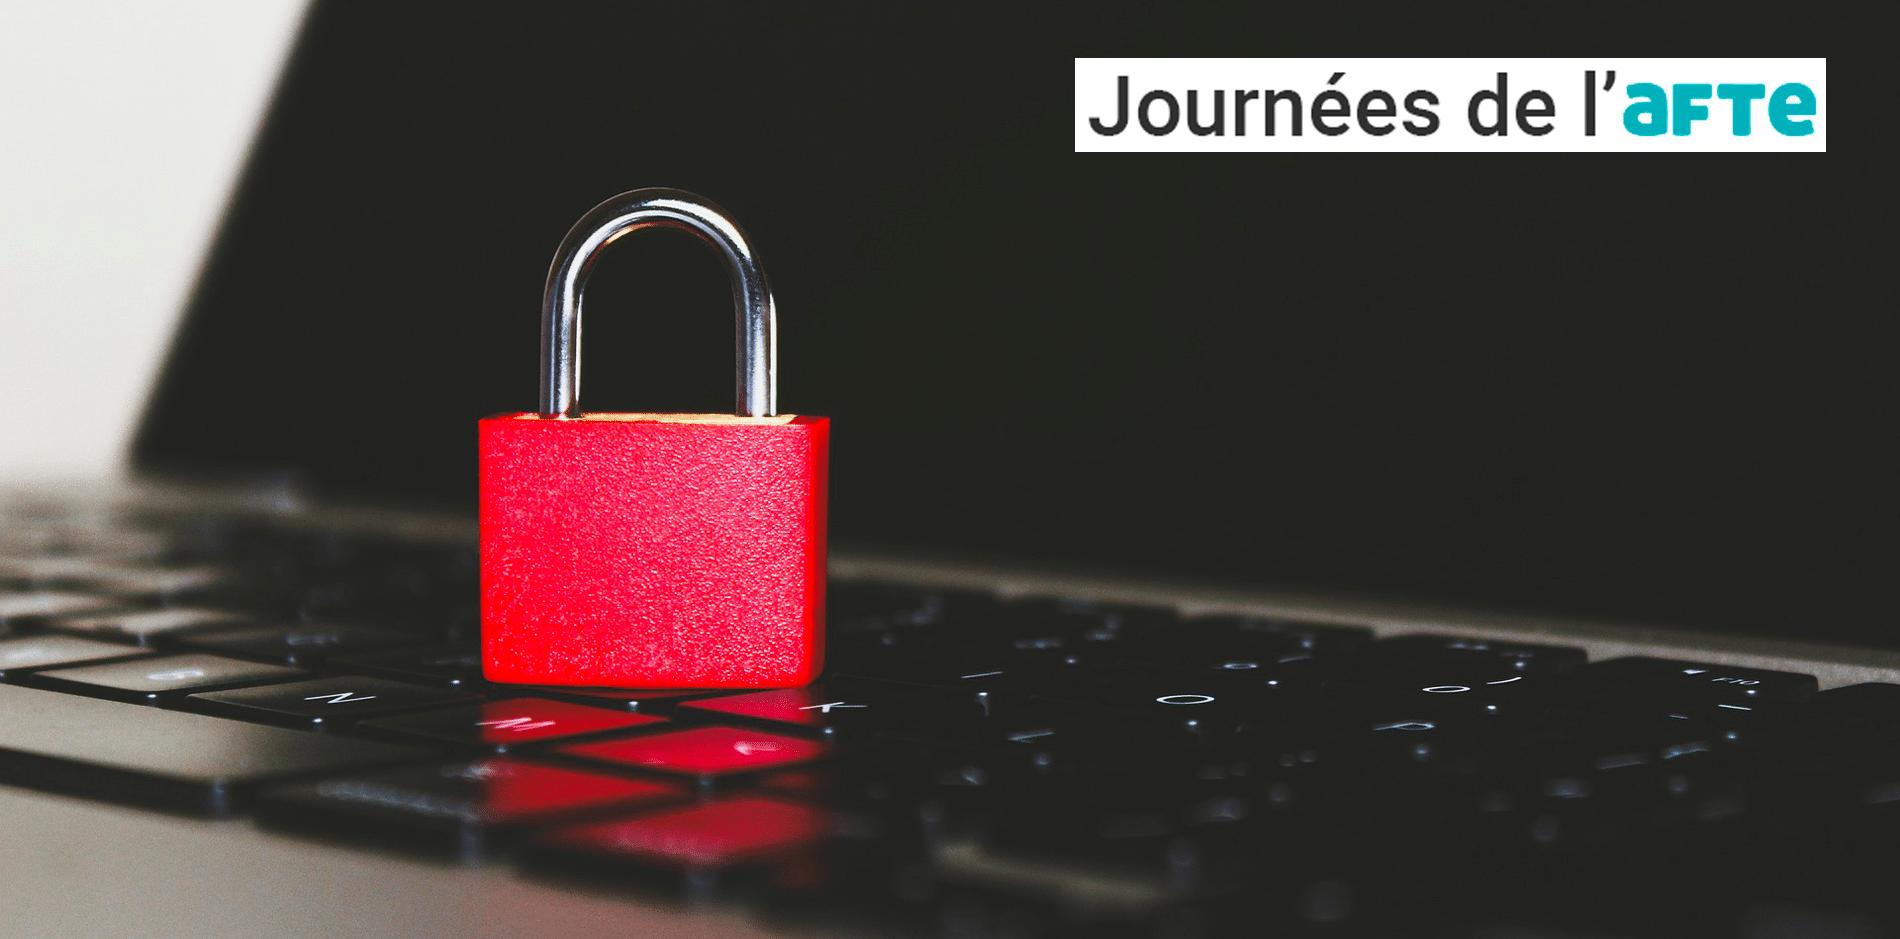 Blog – Trésorier, garant de la sécurité cyber